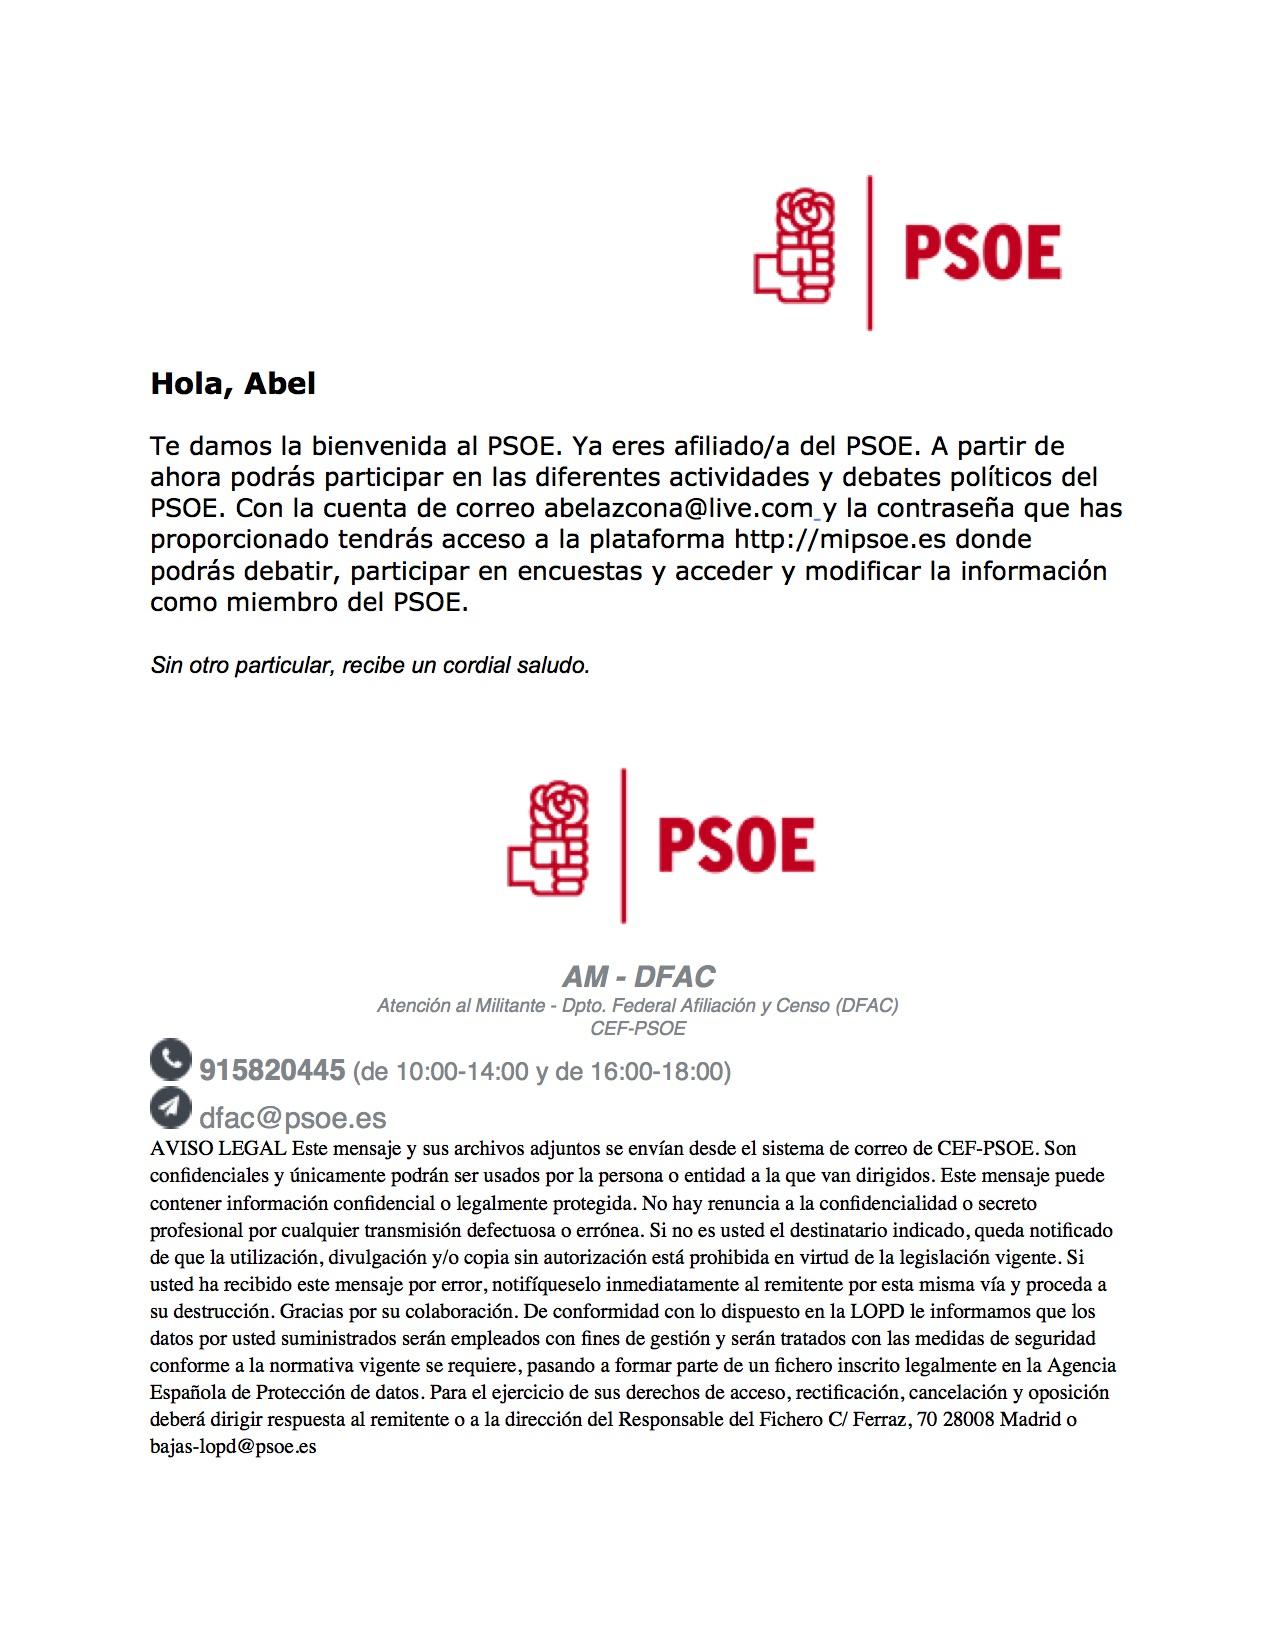 Carta de bienvenida a Abel Azcona del Partido Socialista.